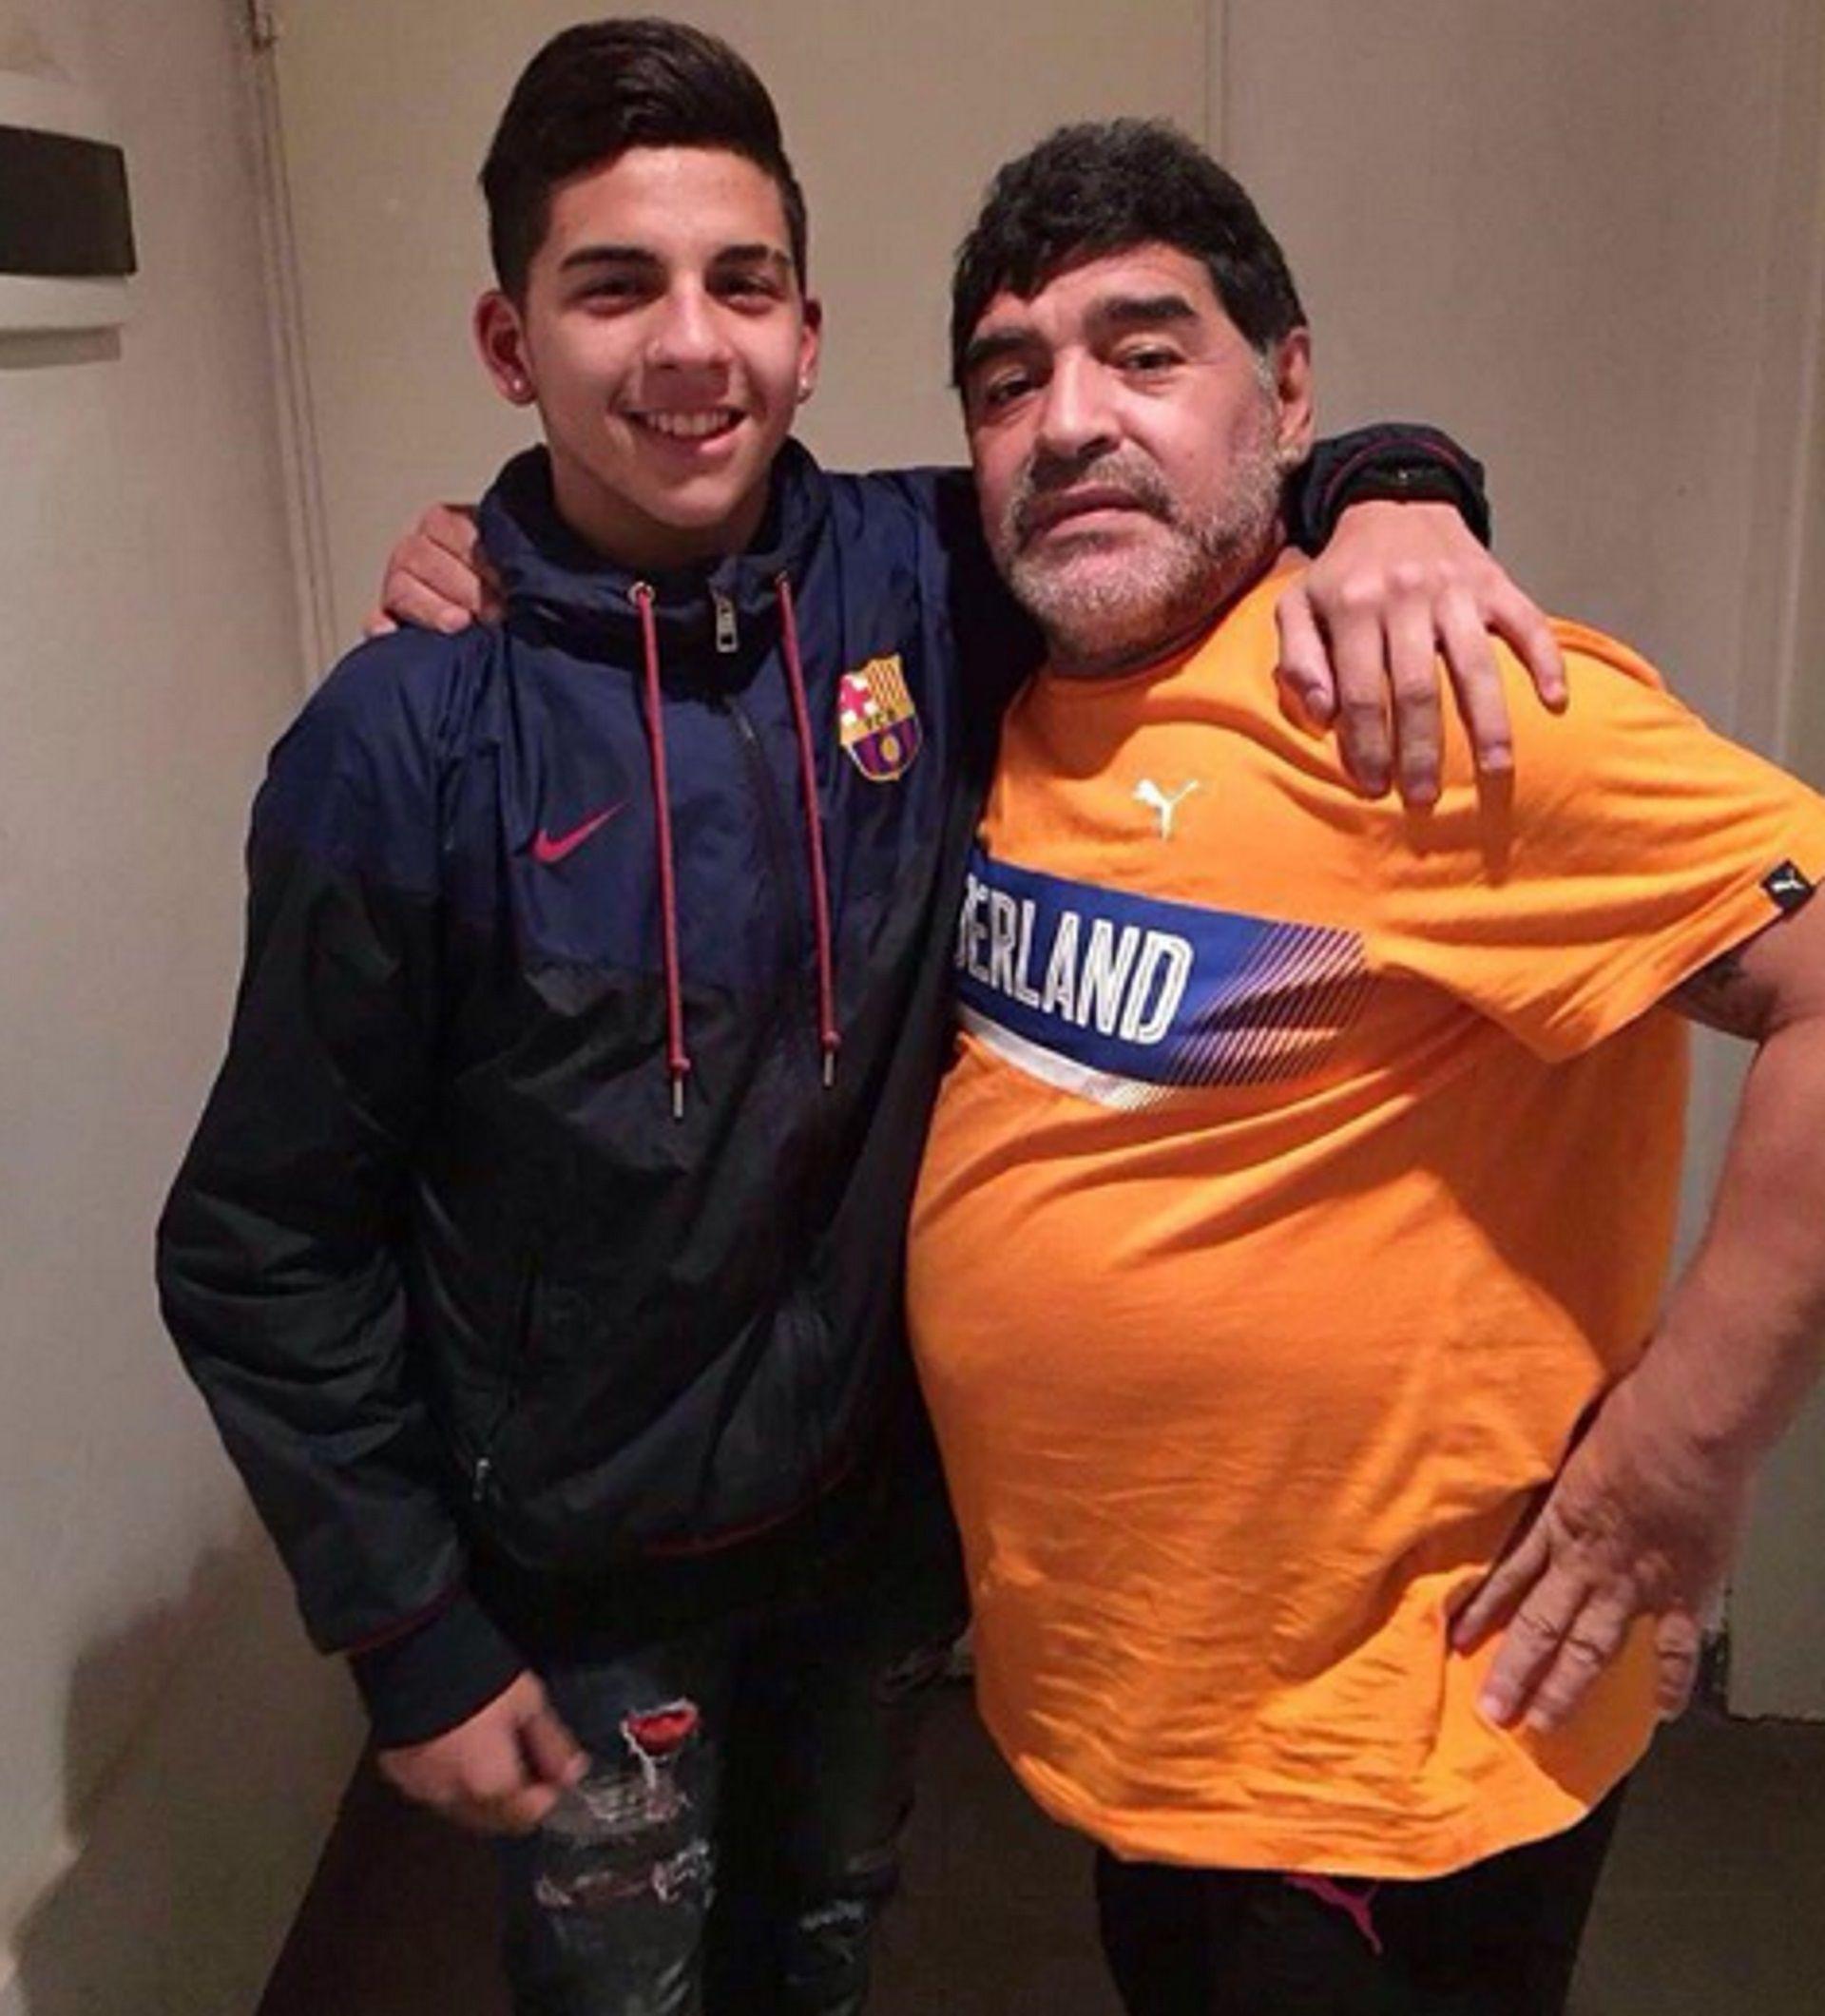 En su momento, Diego Armando Maradona consultó la situación de Hernán López Muñoz para llevarlo al Dínamo Brest de Bielorrusia (Crédito: Hernán López Muñoz)